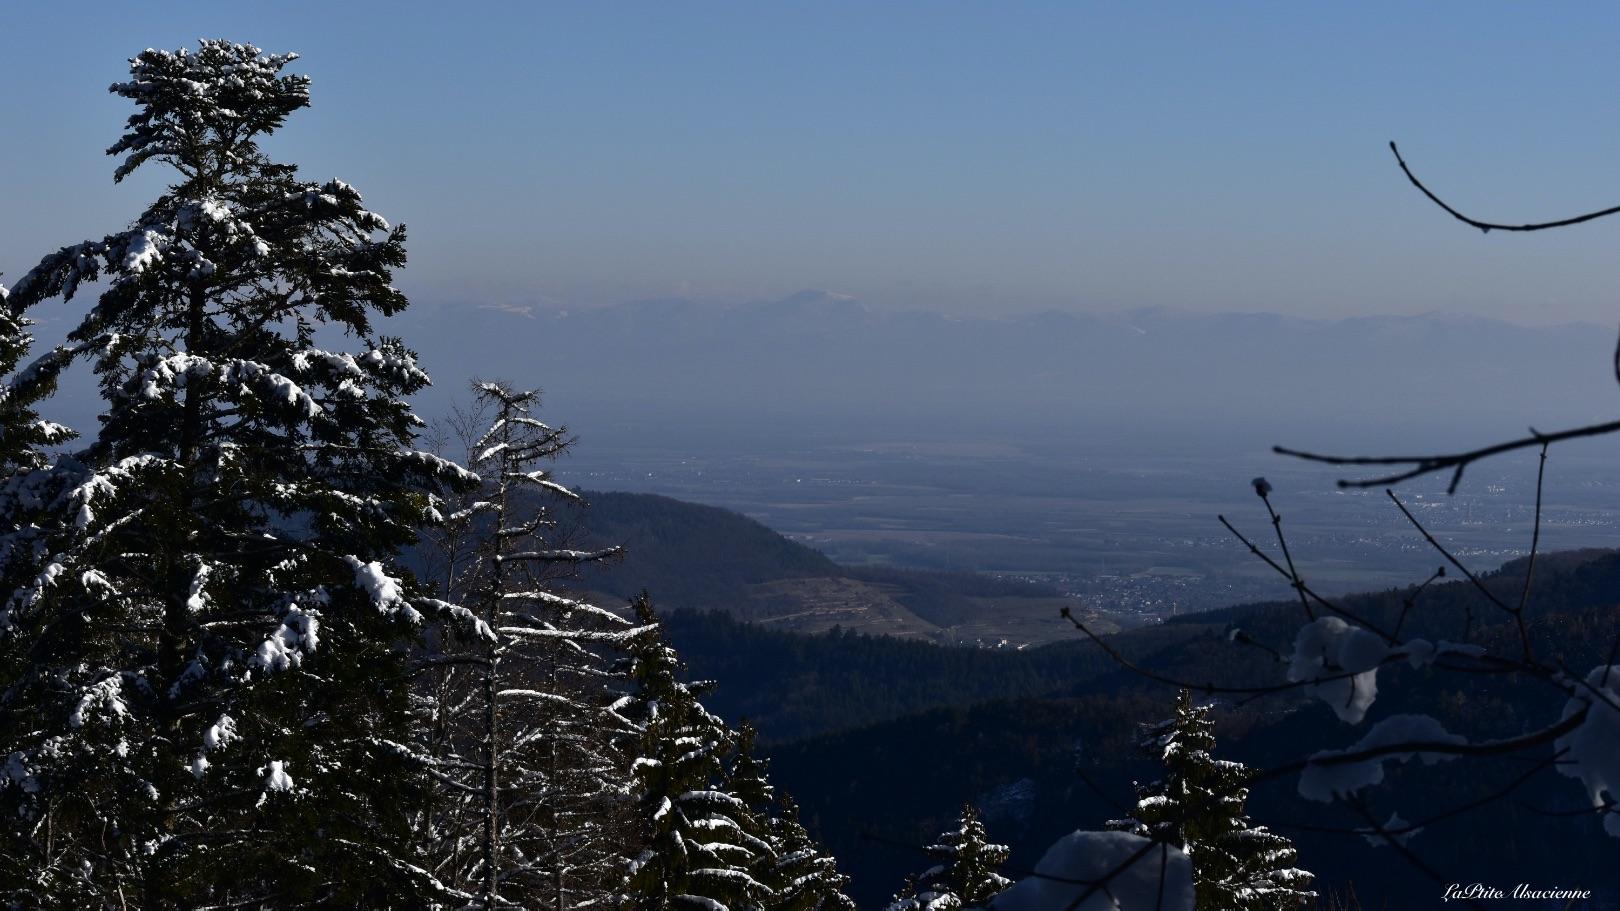 vue sur plaine alsace et foret noire et alpes sentier forrestier vers lieserwasen